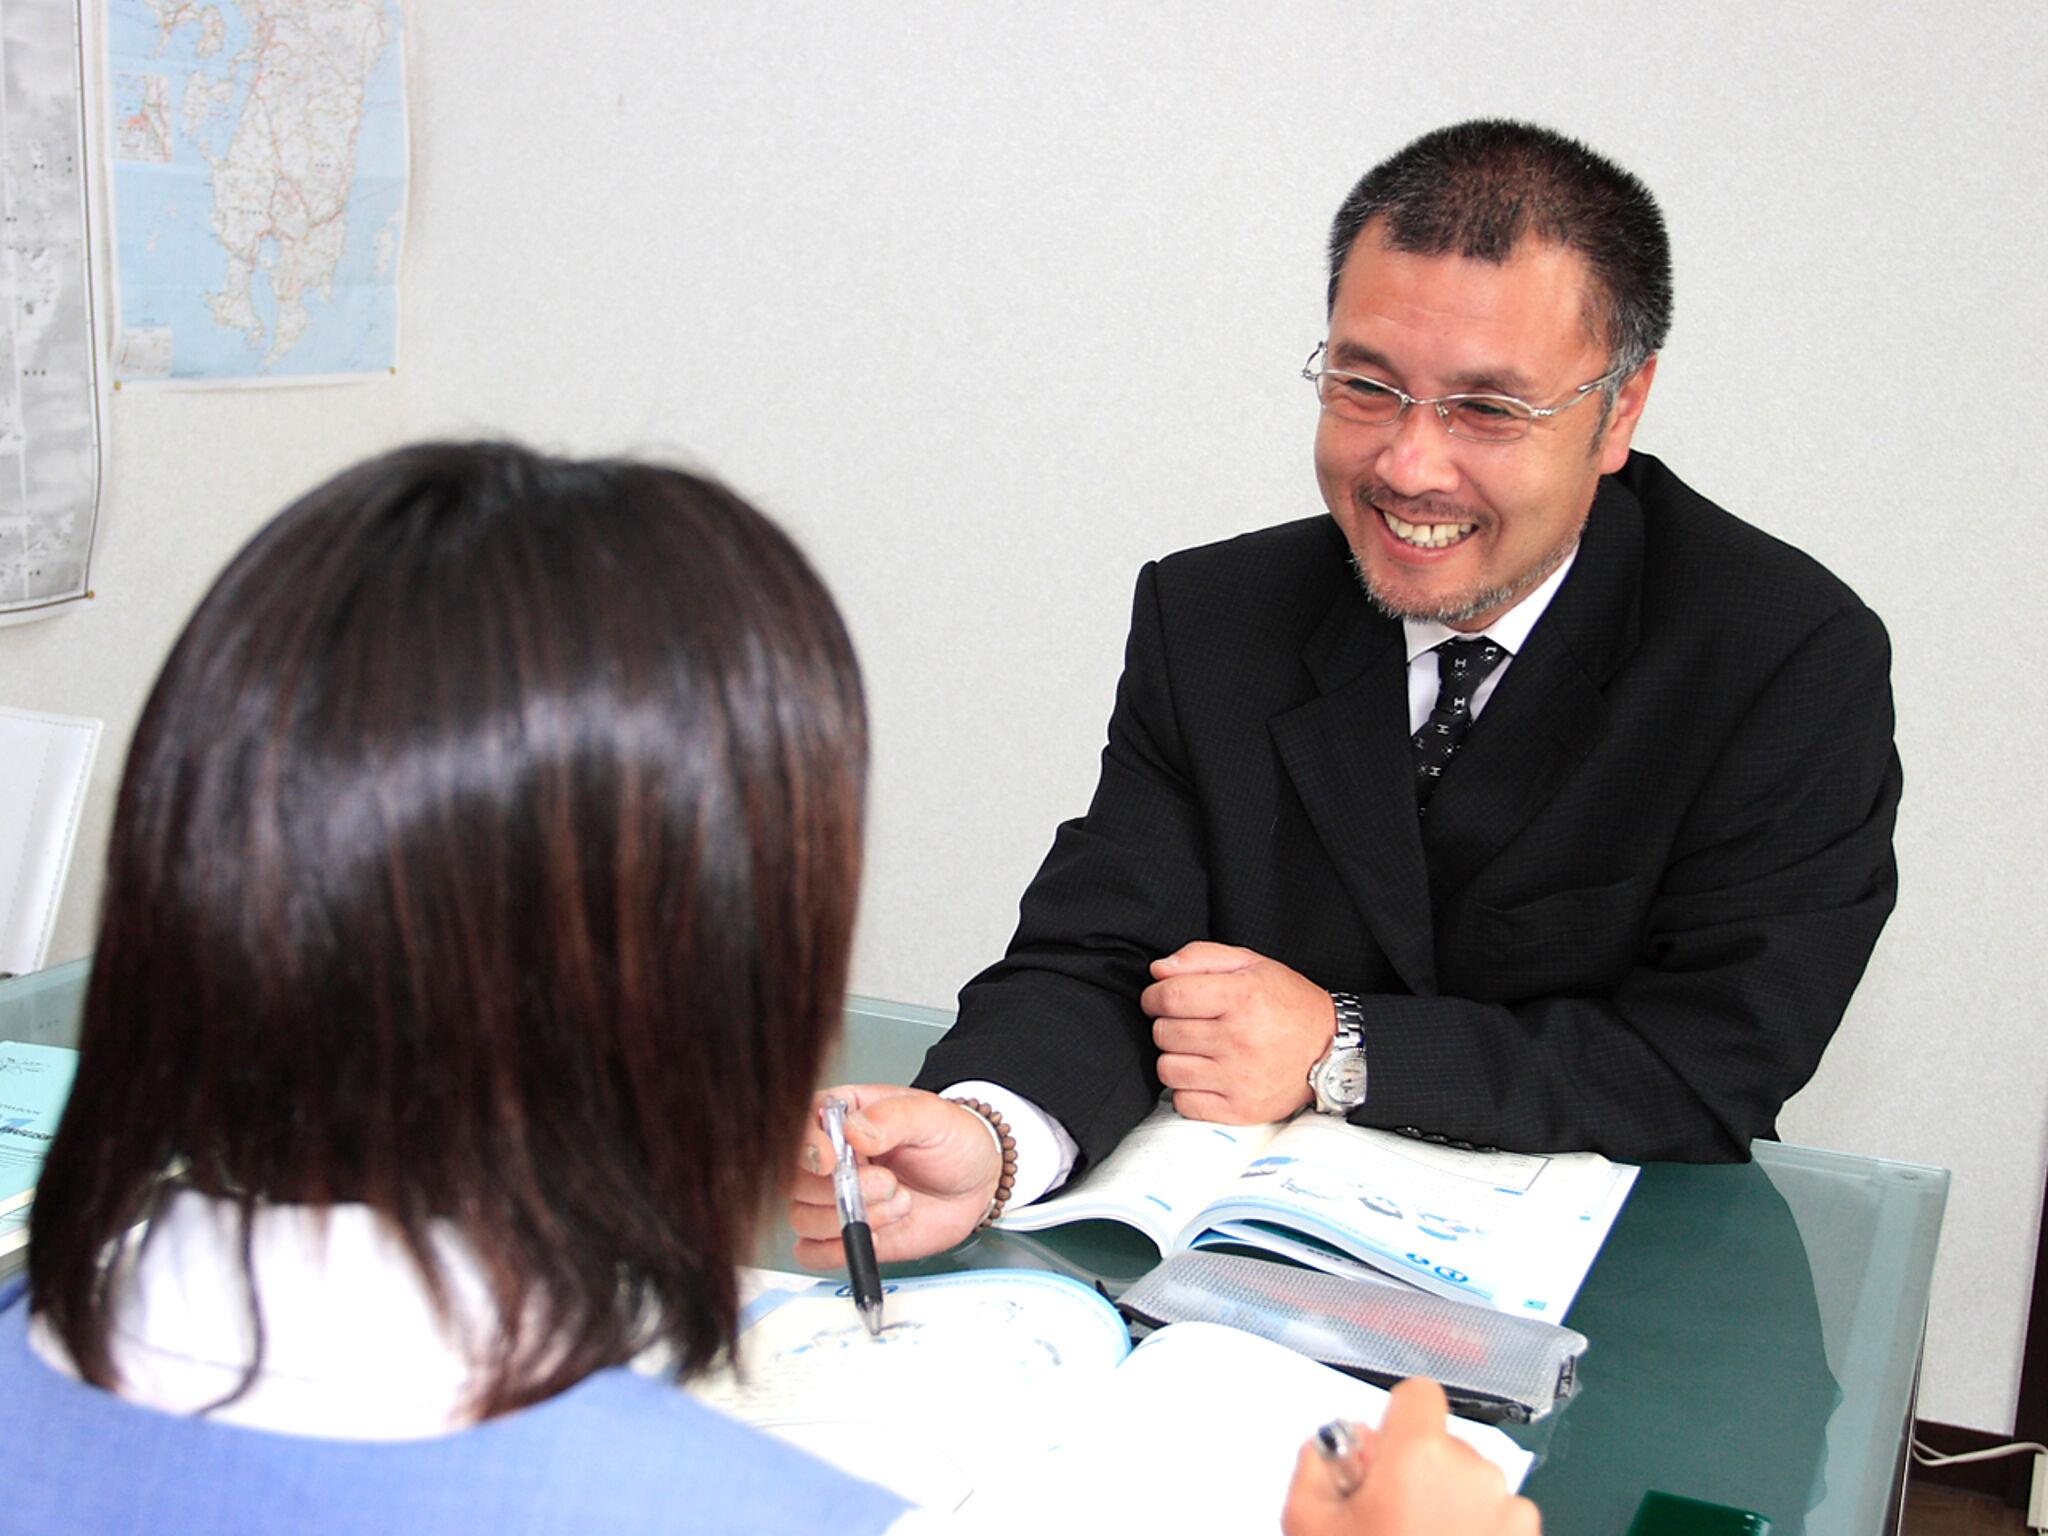 PES個人教育会の谷口先生の画像